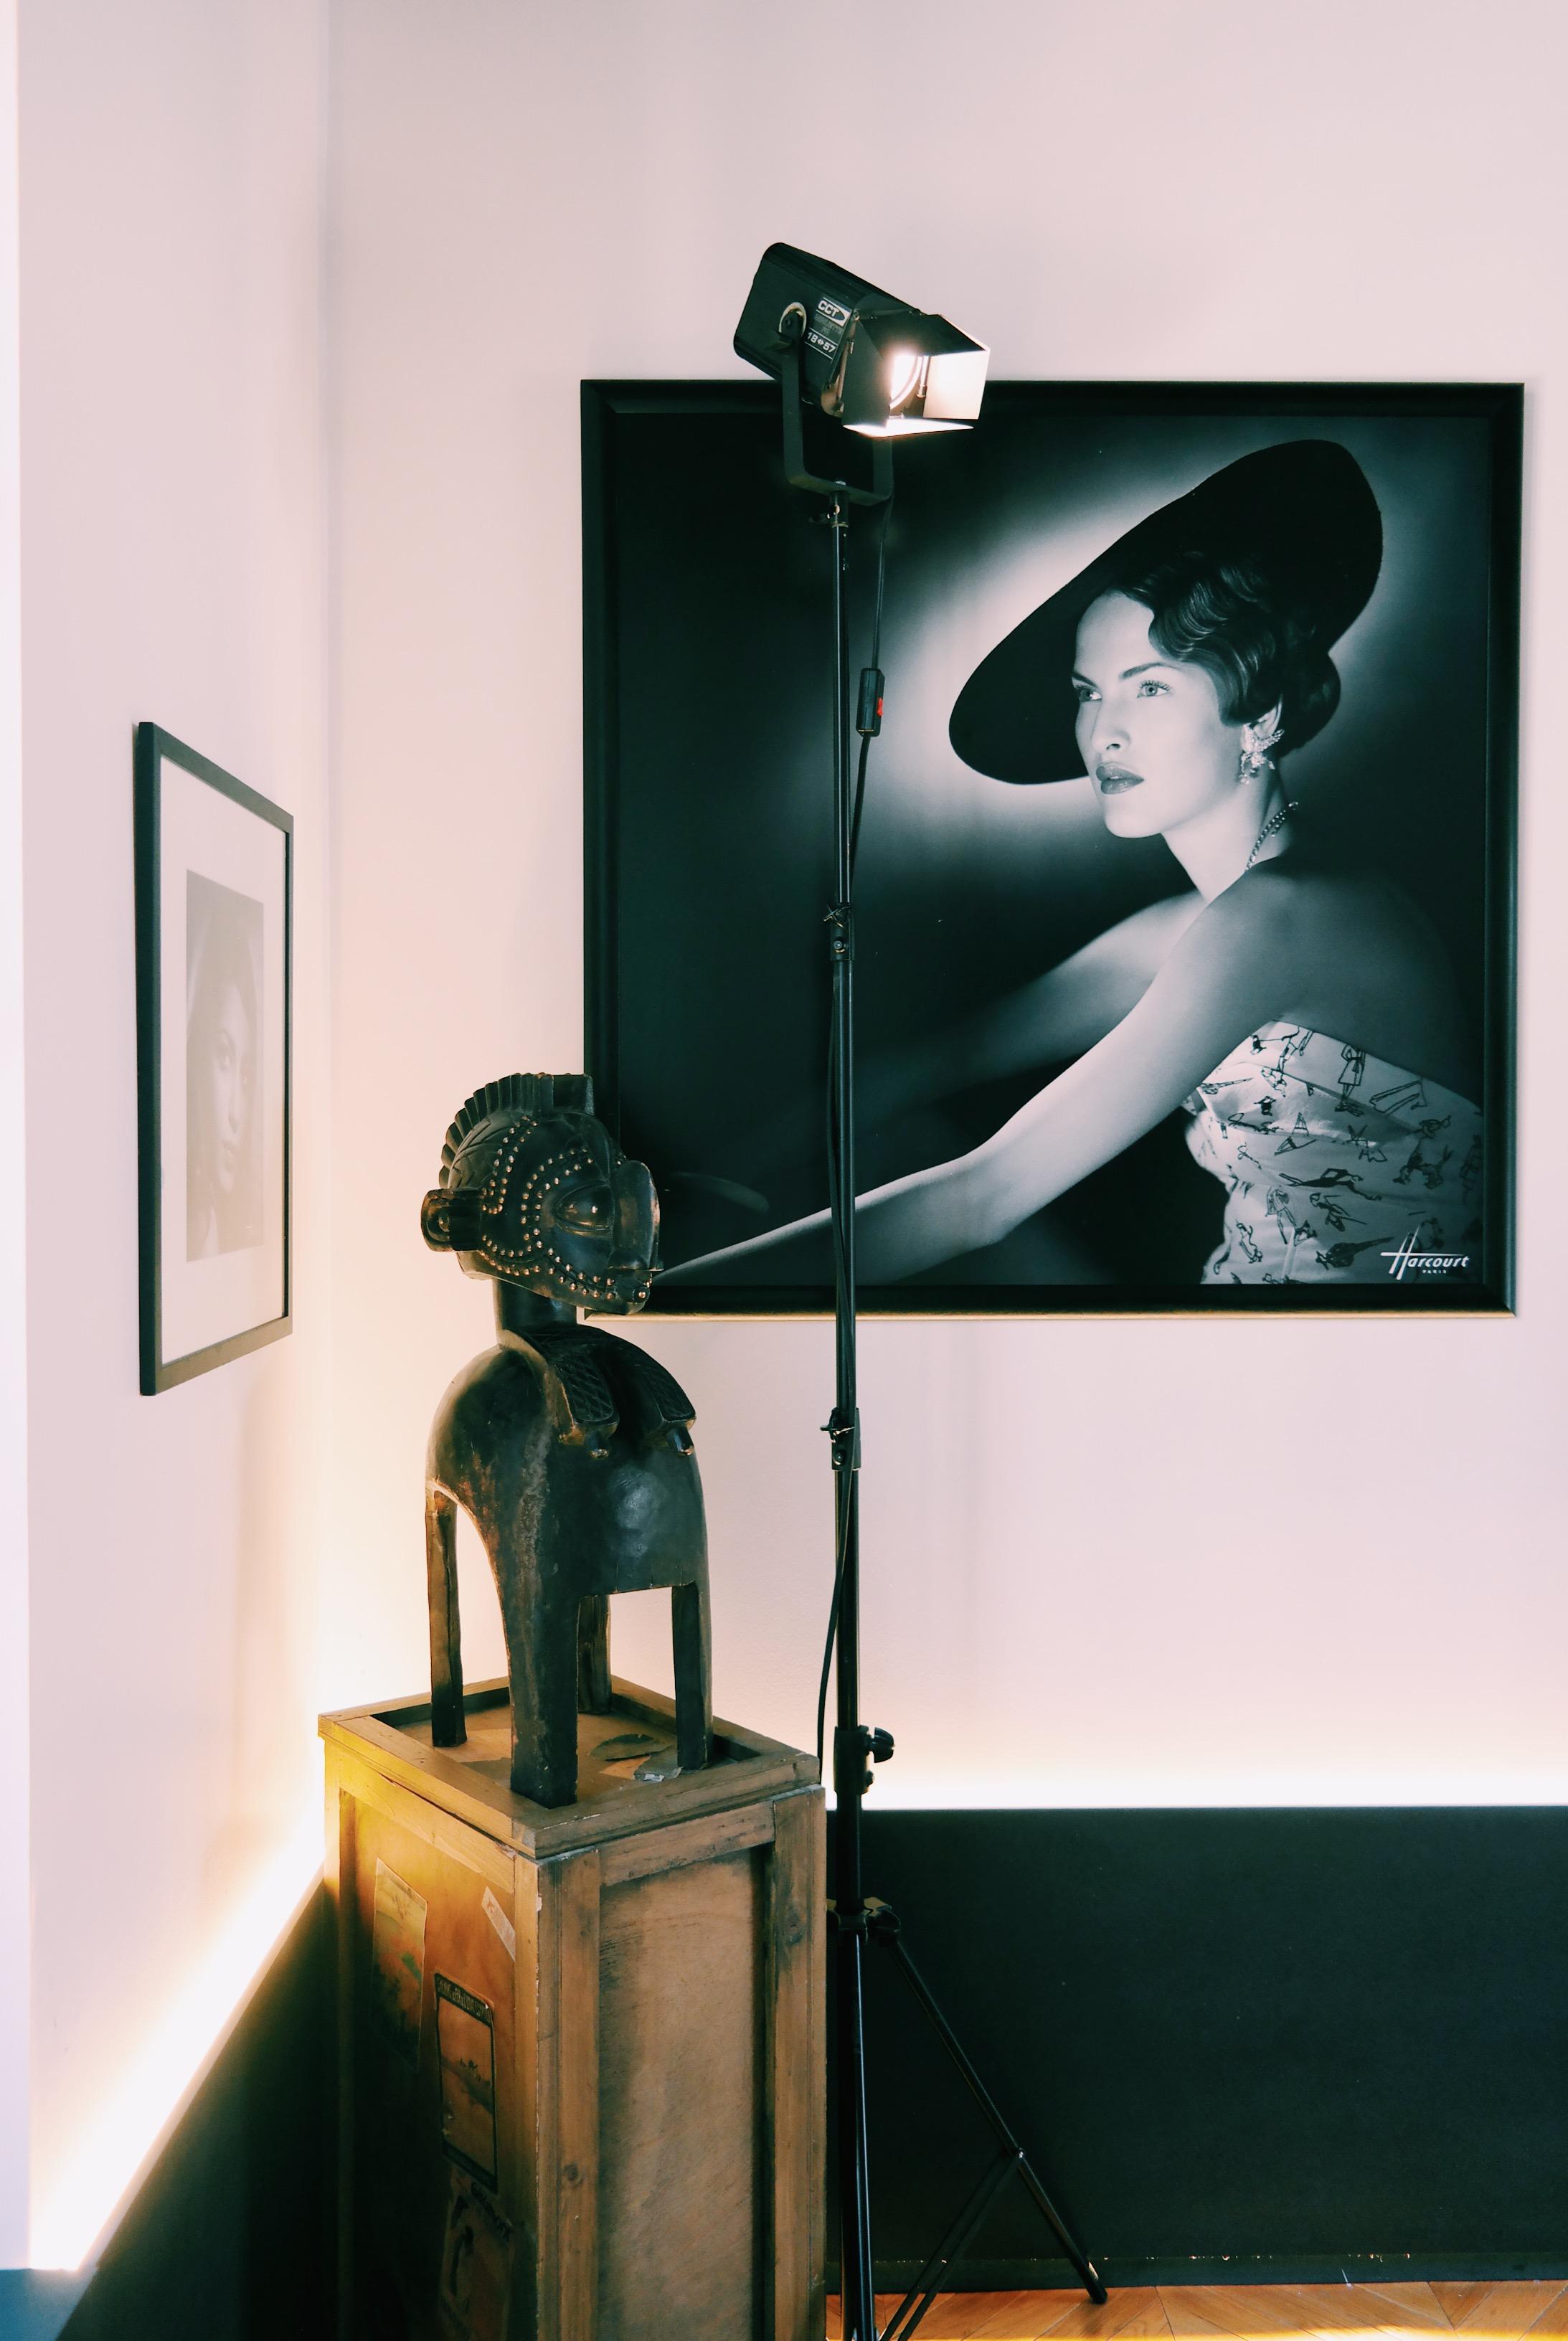 Studio-Harcourt-intérieur-hôtel-particulier-rue-de-Lota-paris-16e-portrait-star-de-cinéma-en-noir-et-blanc-photo-usofparis-blog